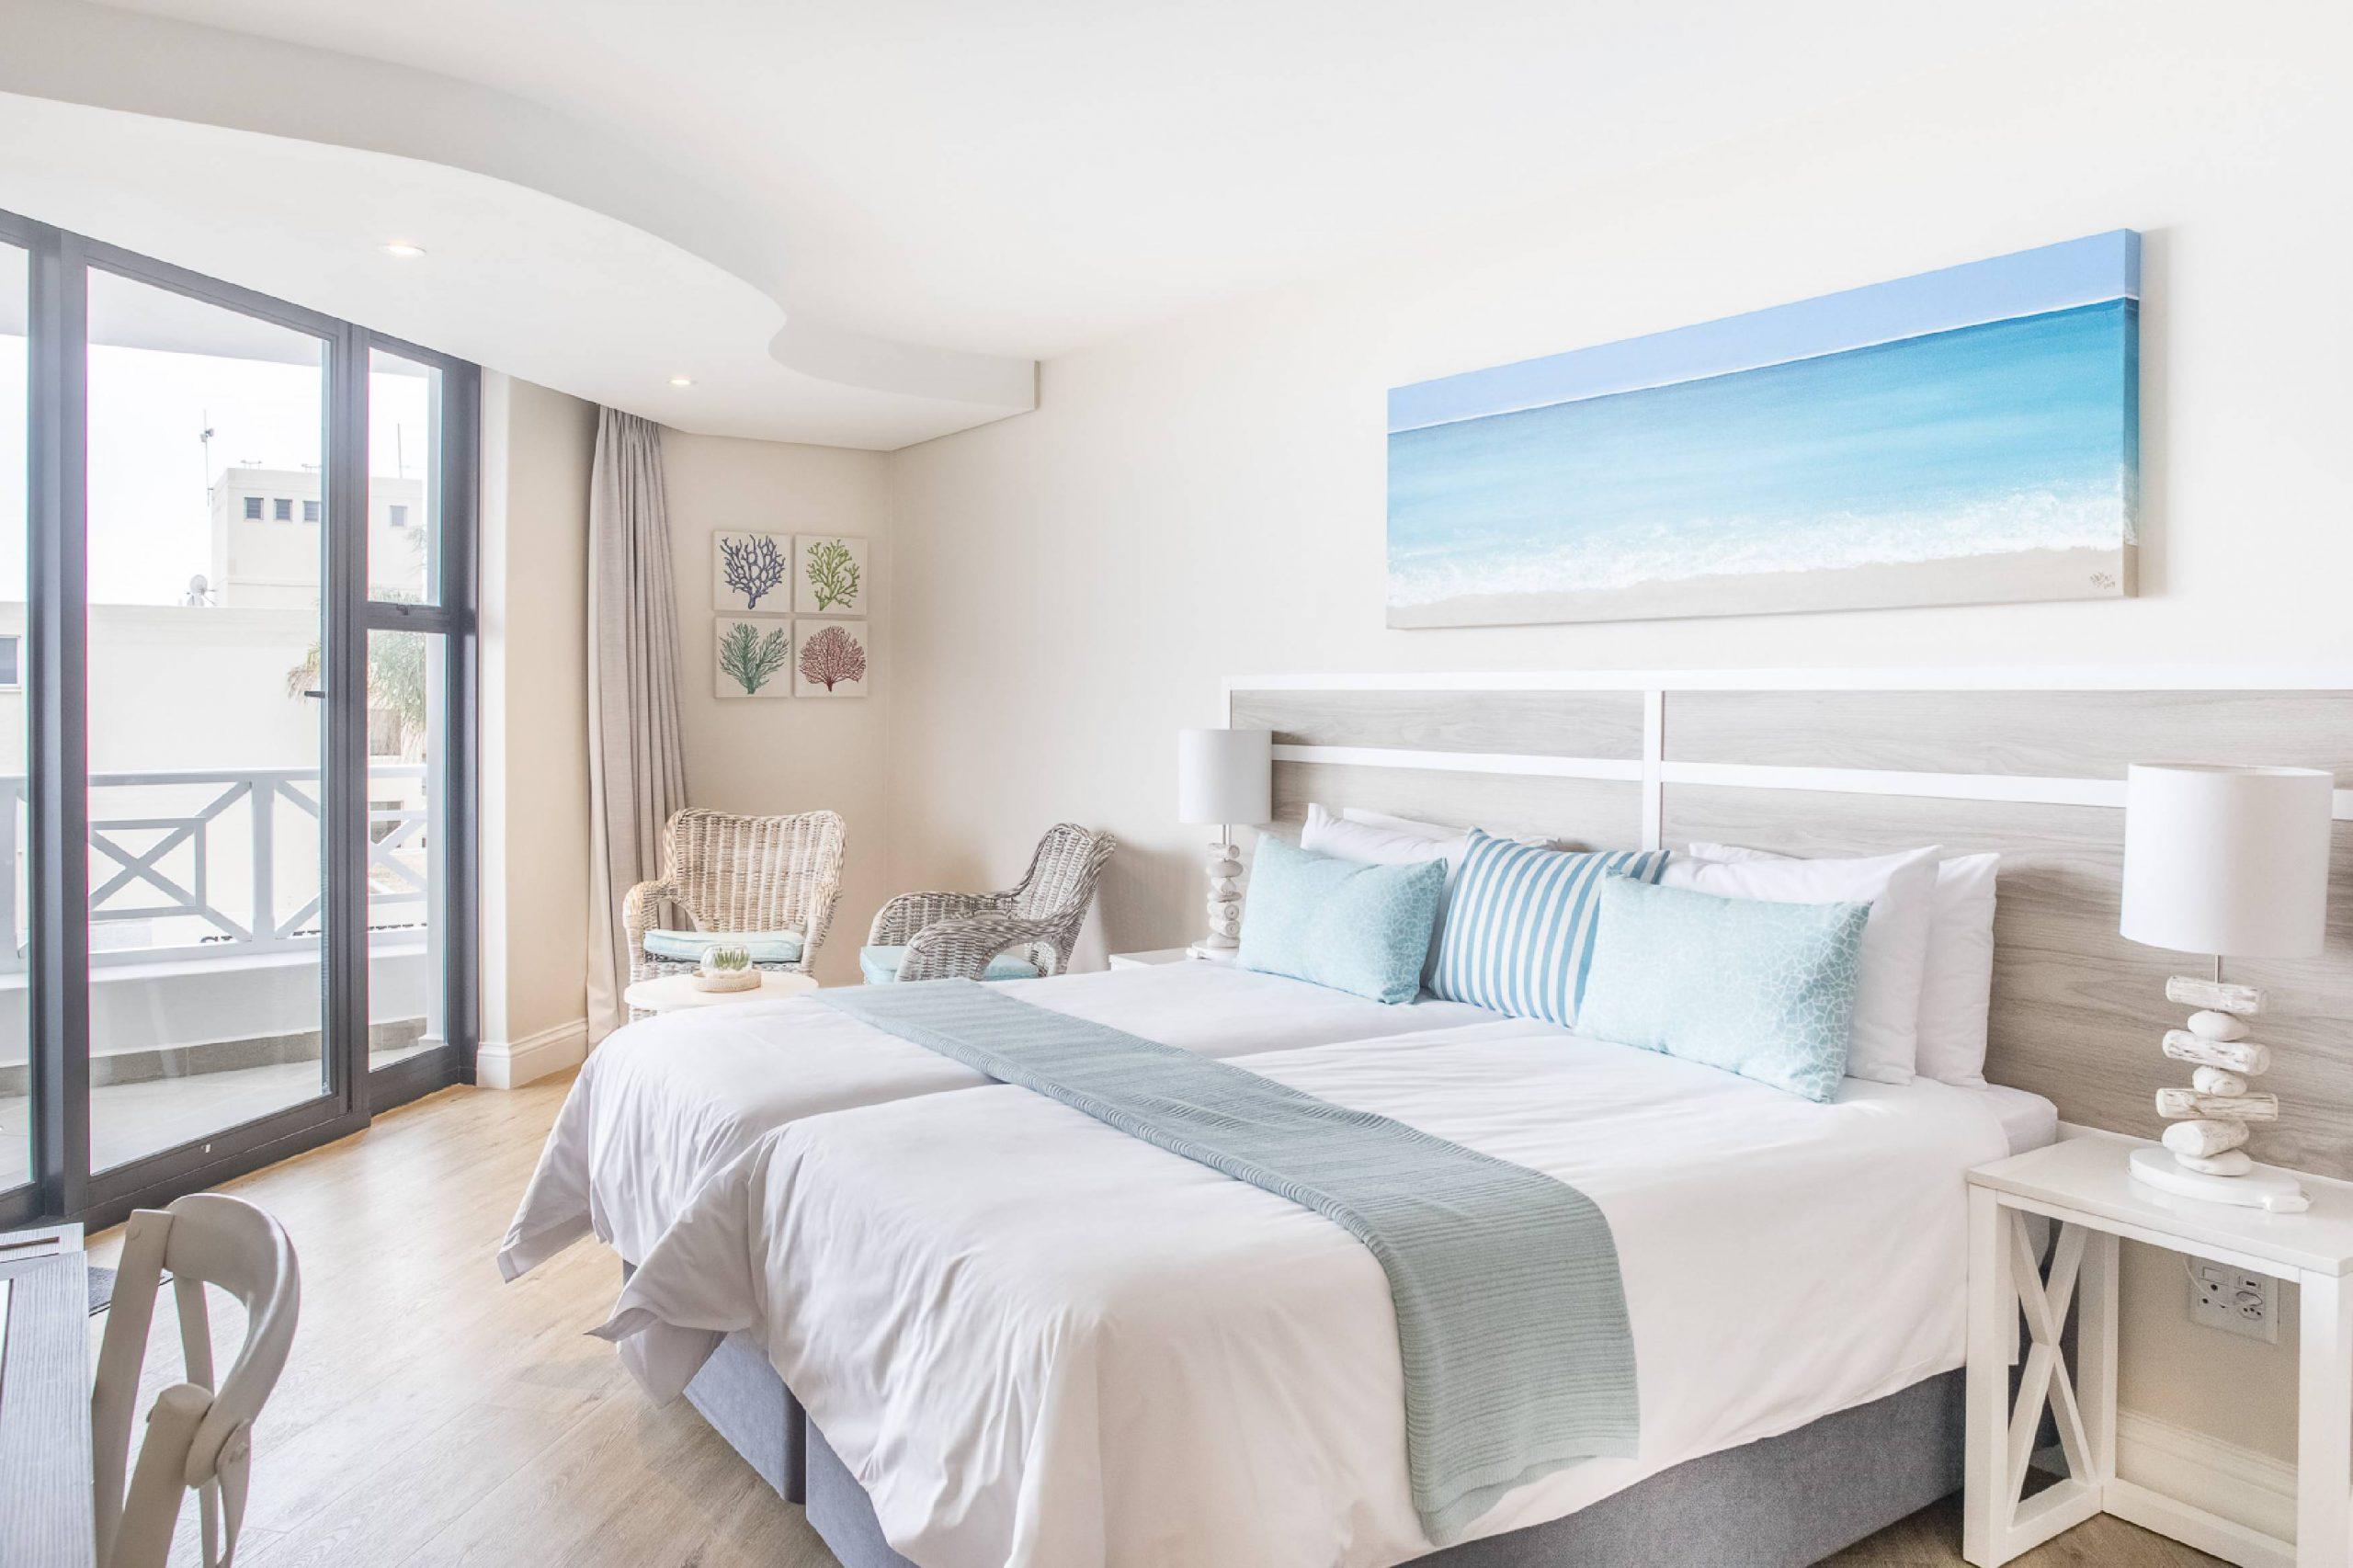 Bayview Hotel Plett 40% Off accommodation